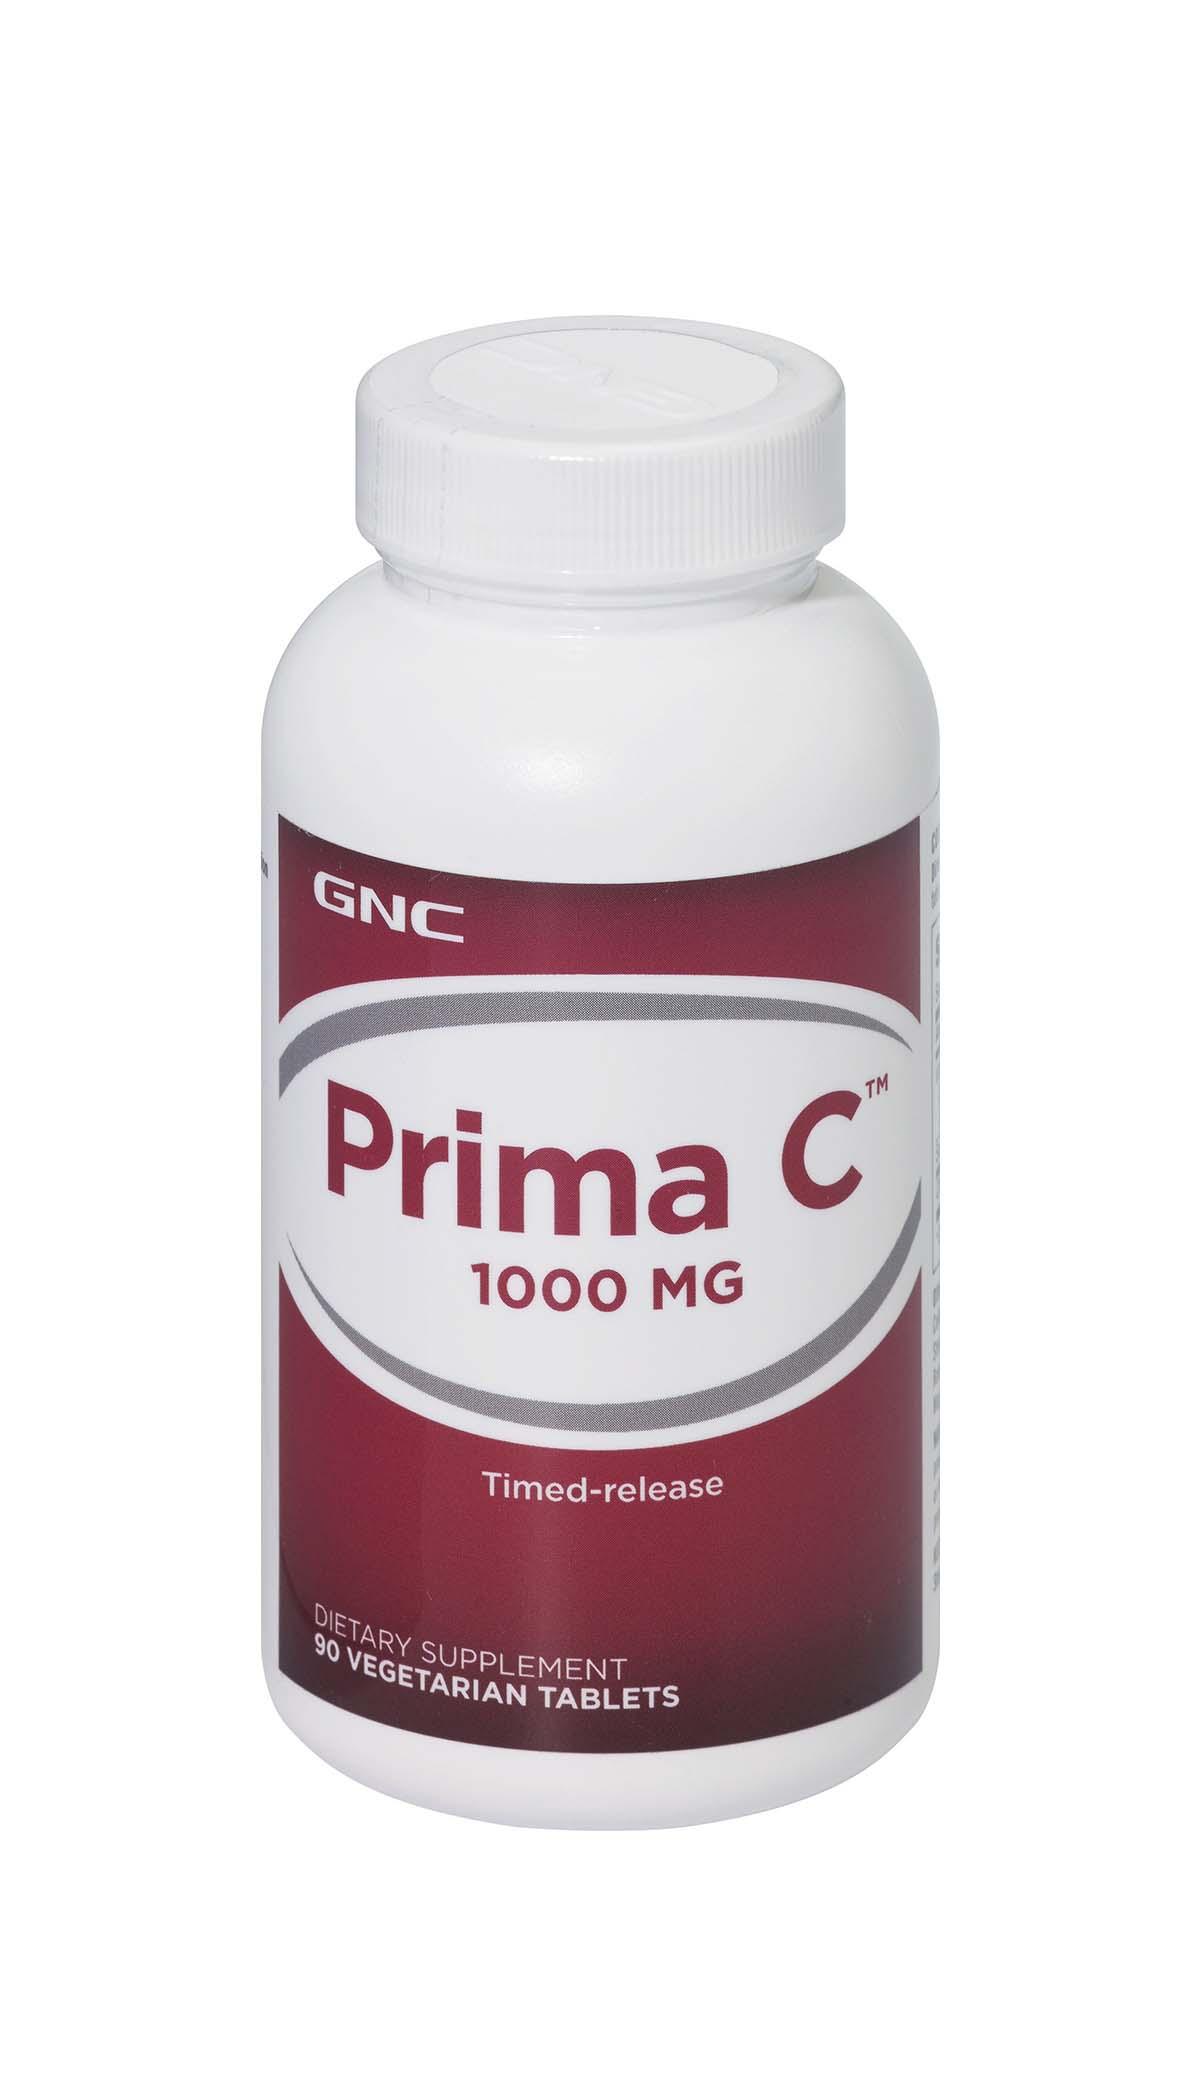 Prima C 1000